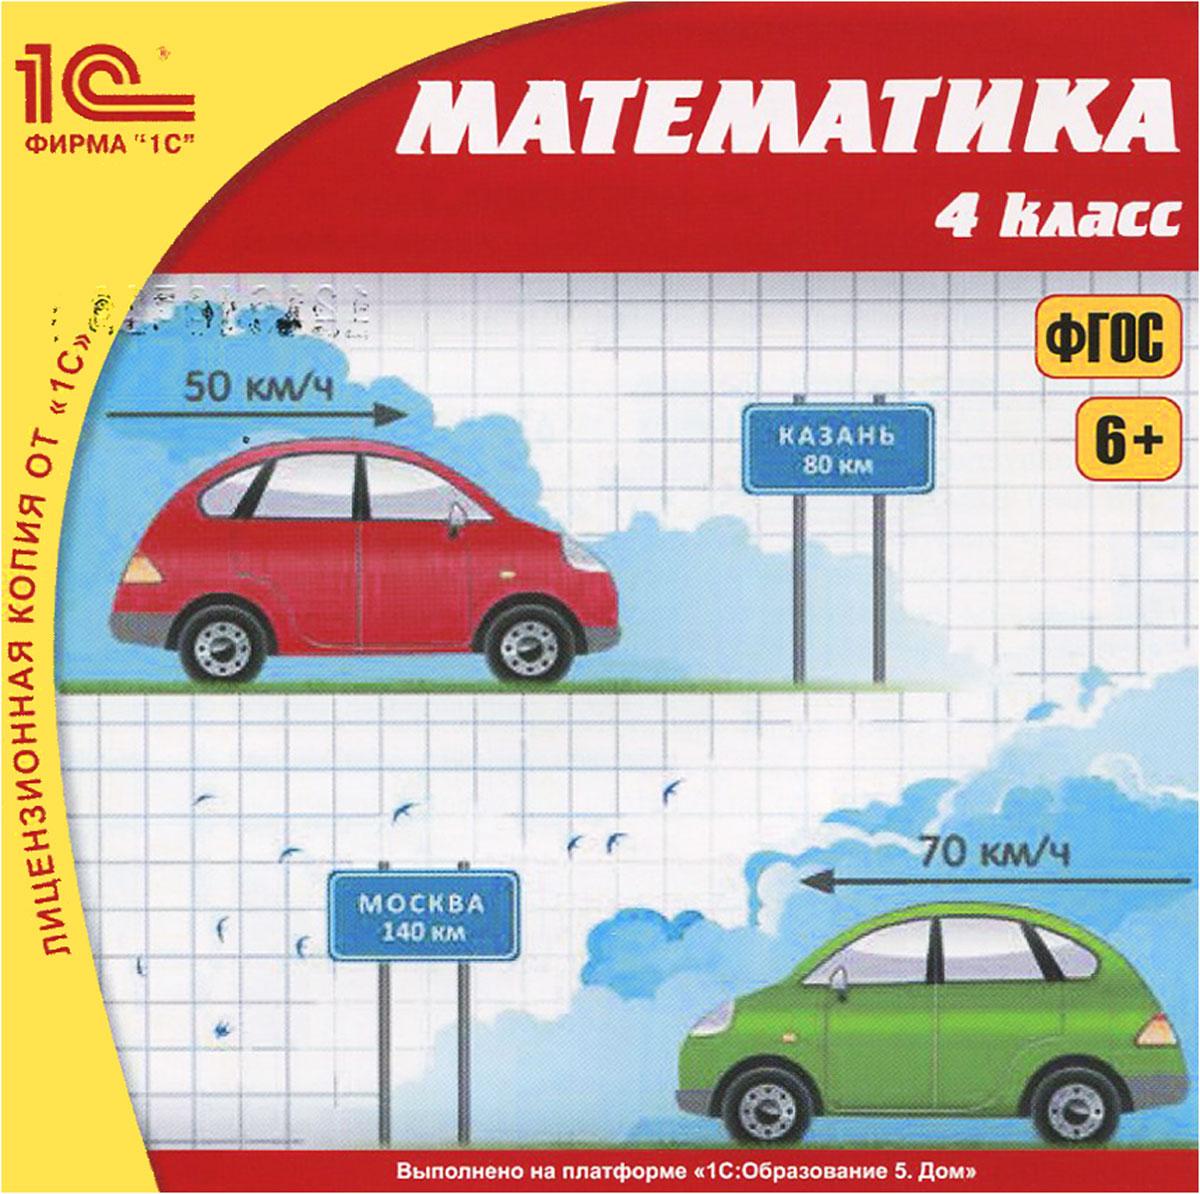 1С:Школа. Математика. 4 класс (ФГОС) обучающие диски 1с паблишинг 1с школа математика 1 4 кл тесты